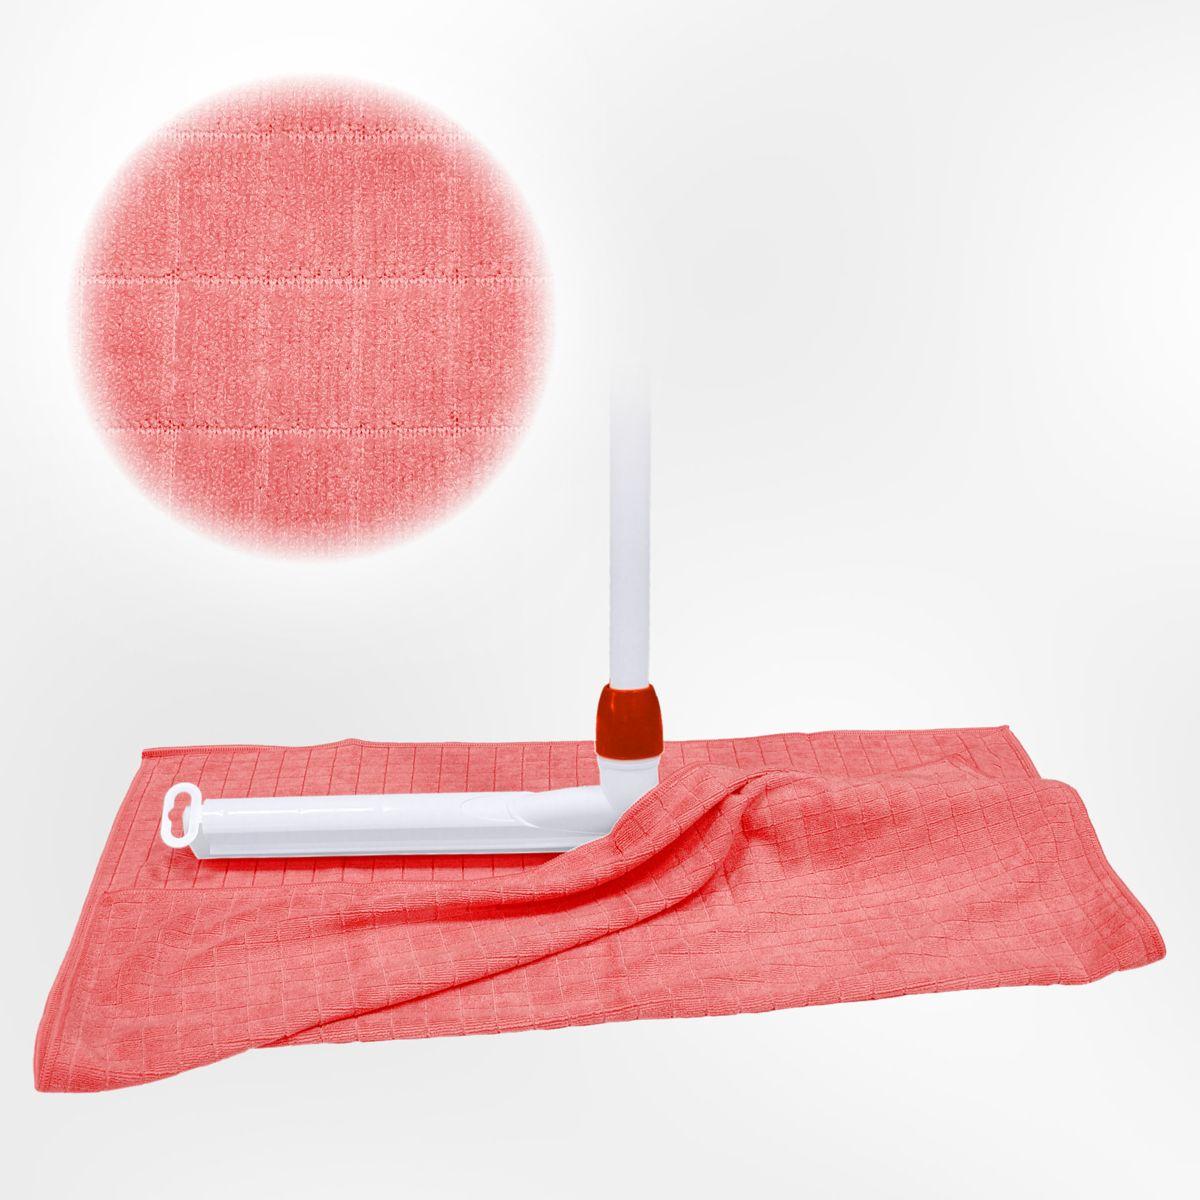 Dweil voor meer dieptereiniging dankzij Microvezel 55 x 65 cm - 3 stuks Roze dweilen kopen